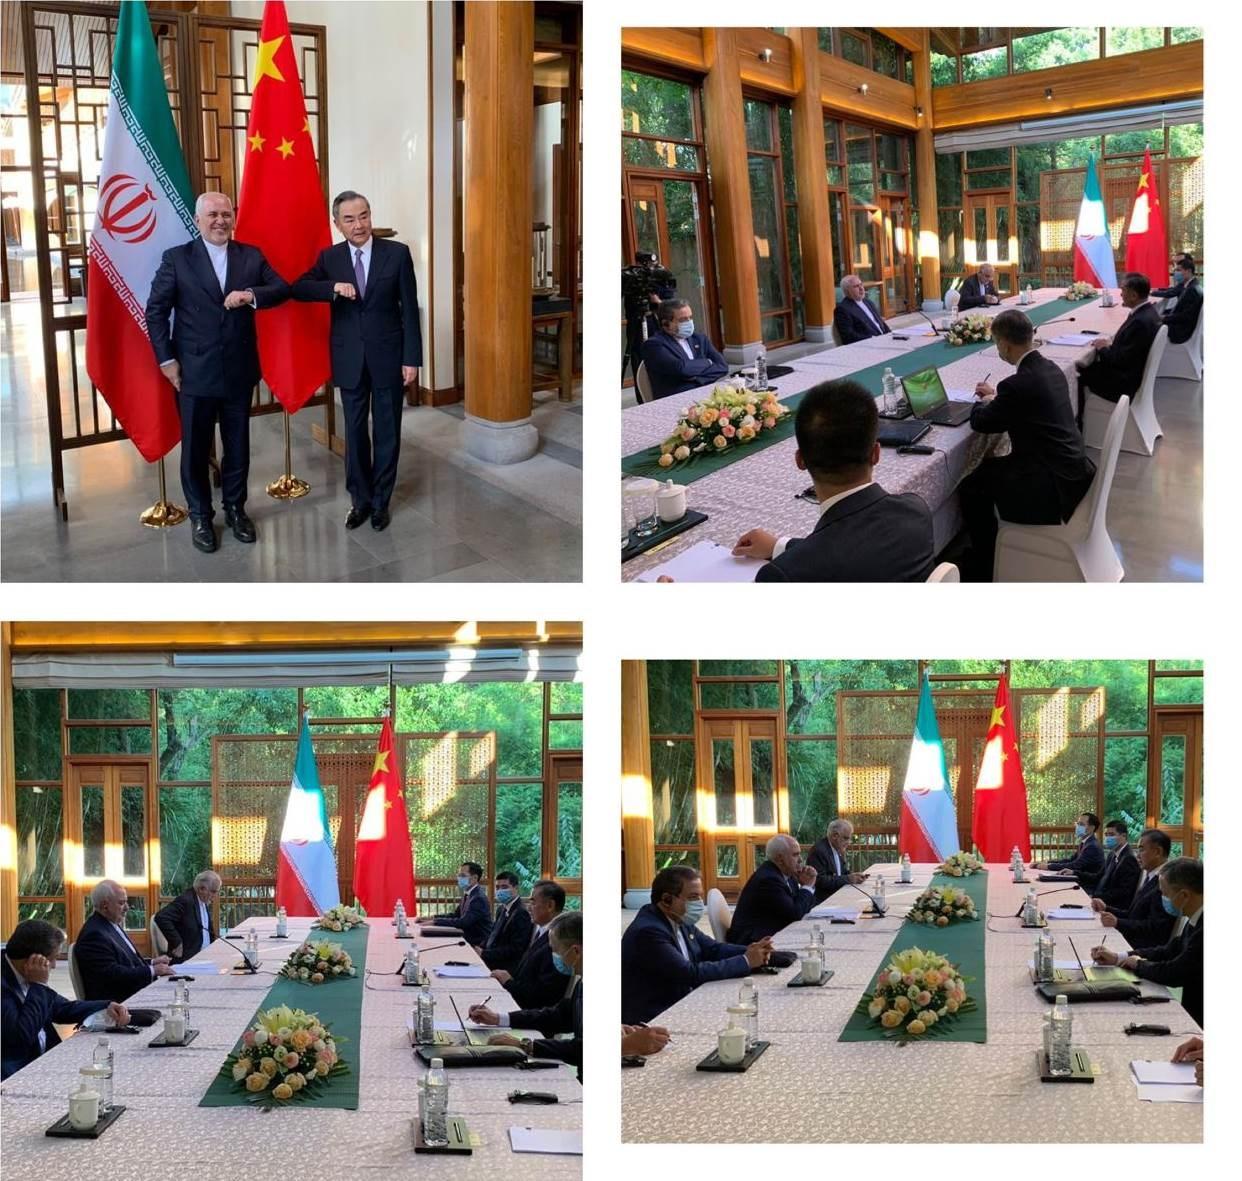 بكين تقترح منصة حوار لتهدئة التوتر في الشرق الأوسط وطهران ترحب